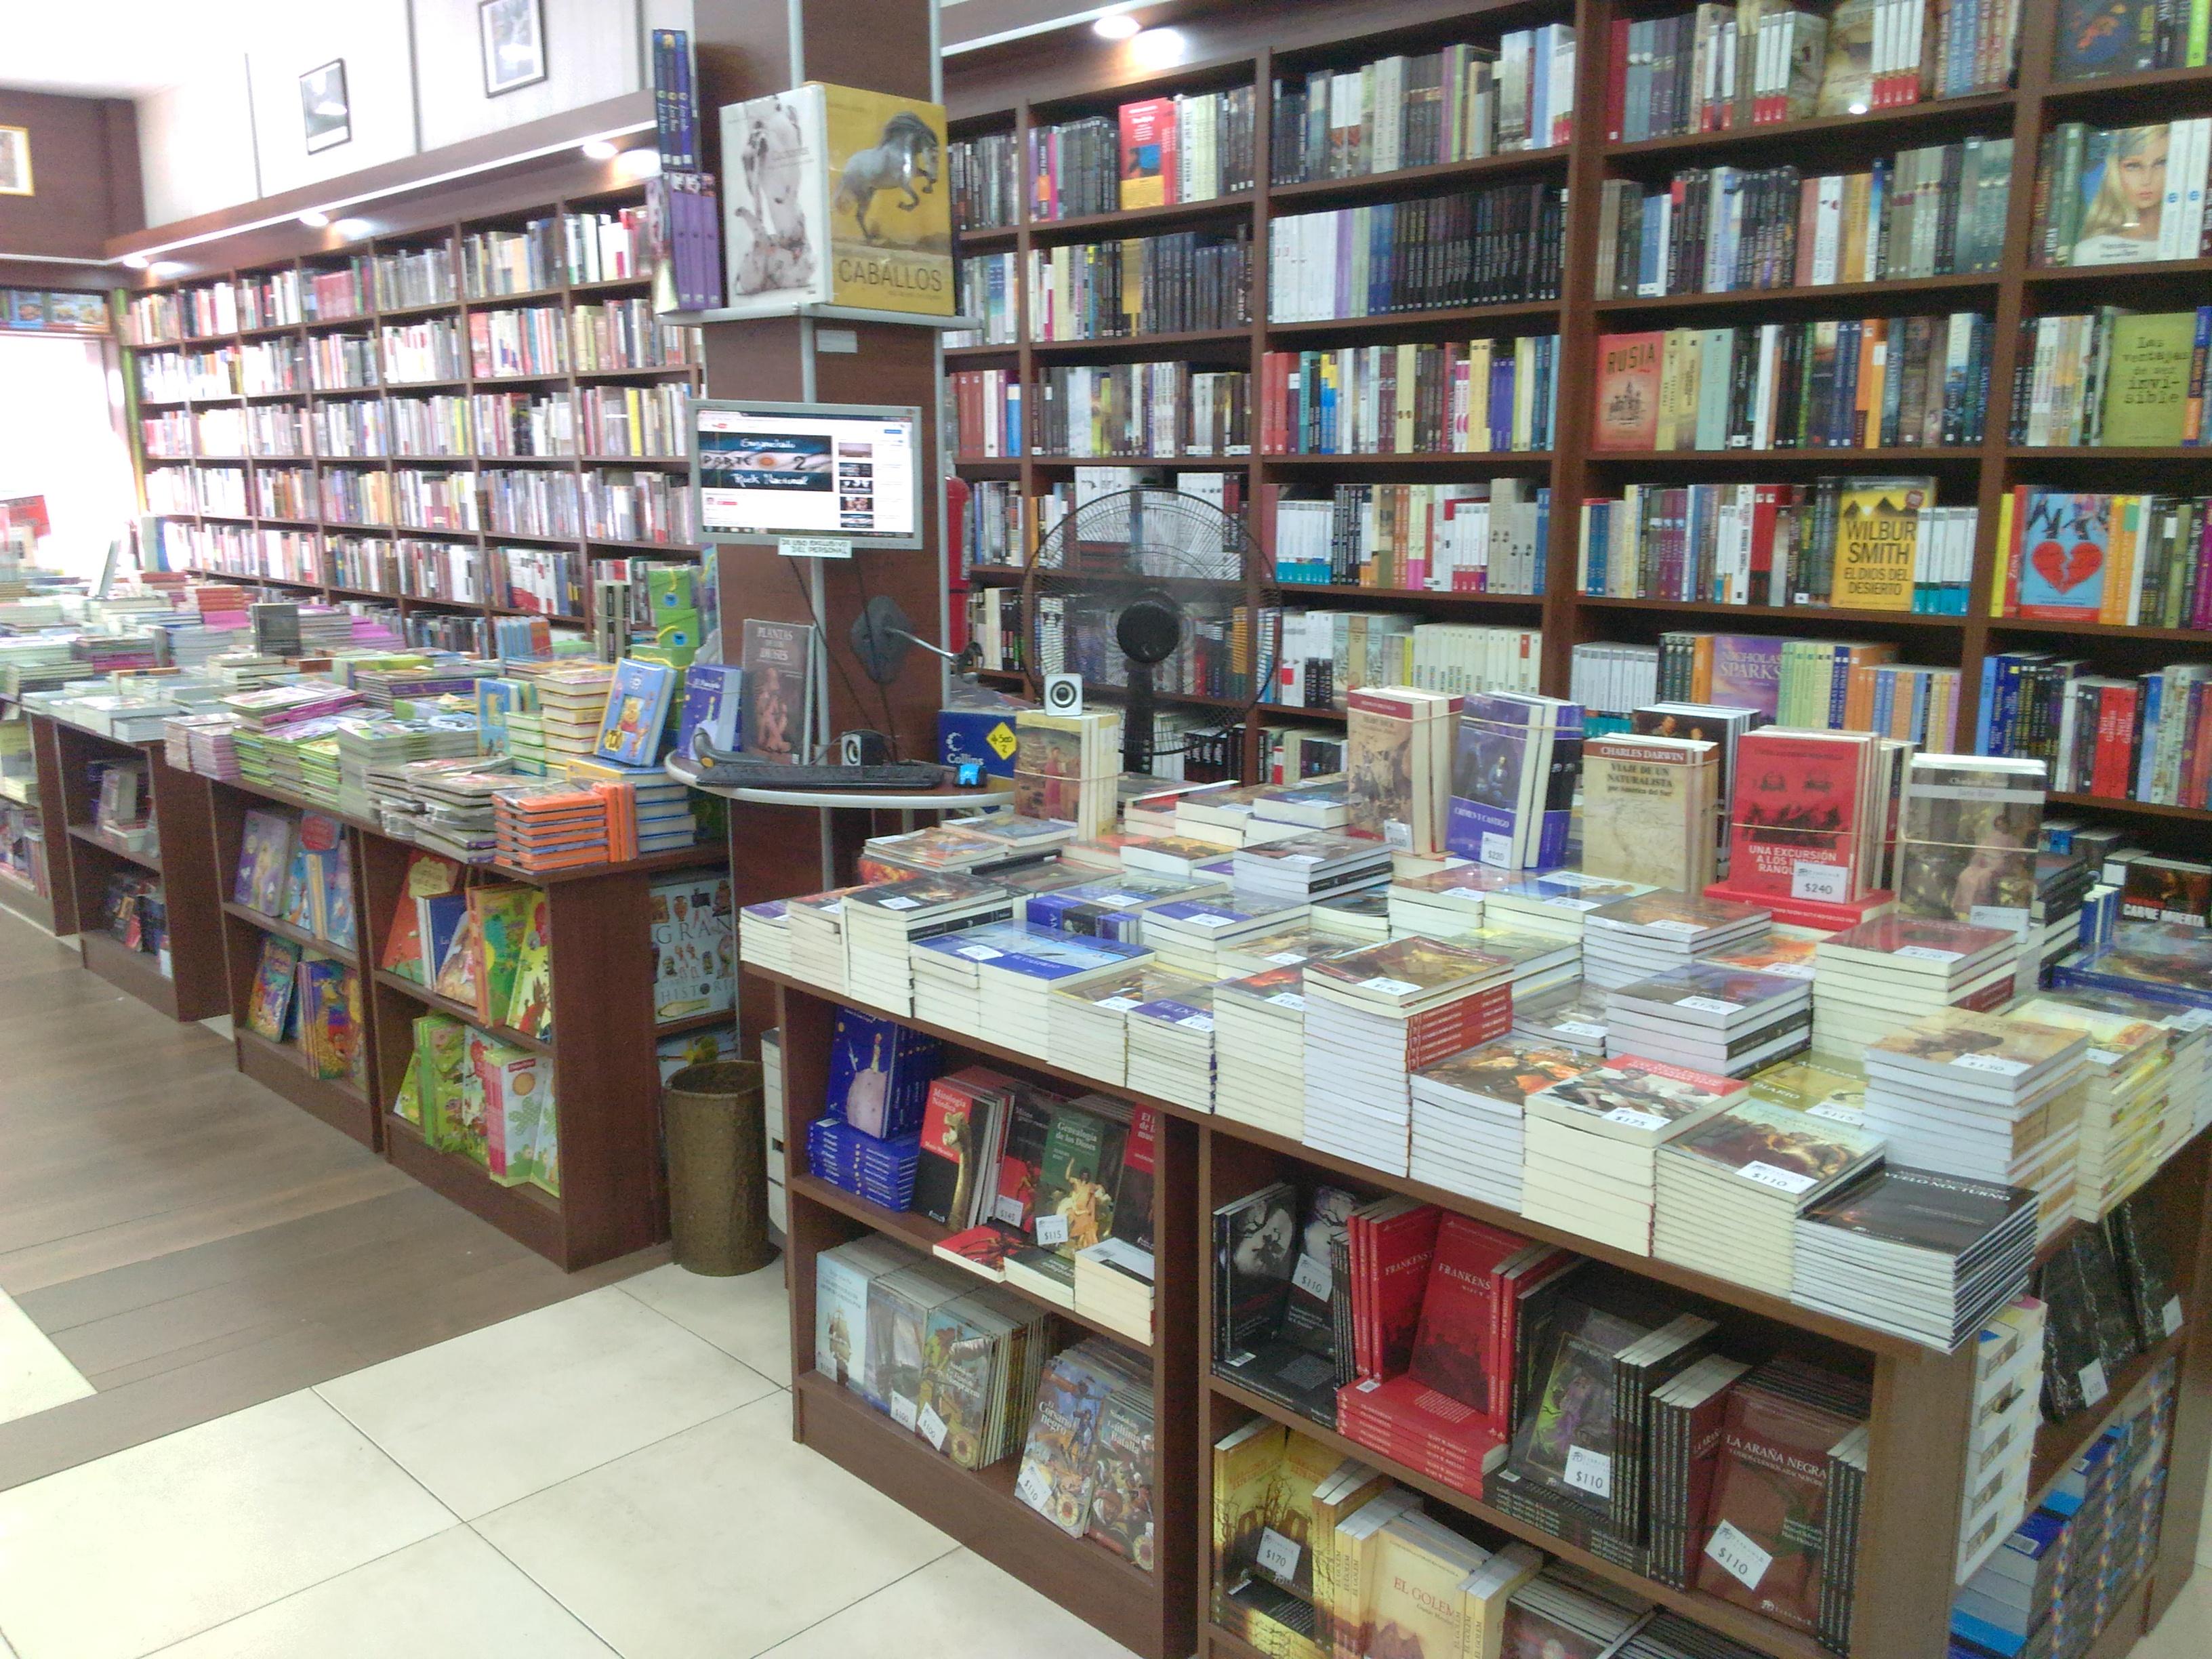 El Aleph 5 - Feria del Libro de El Aleph Sucursal Avellaneda